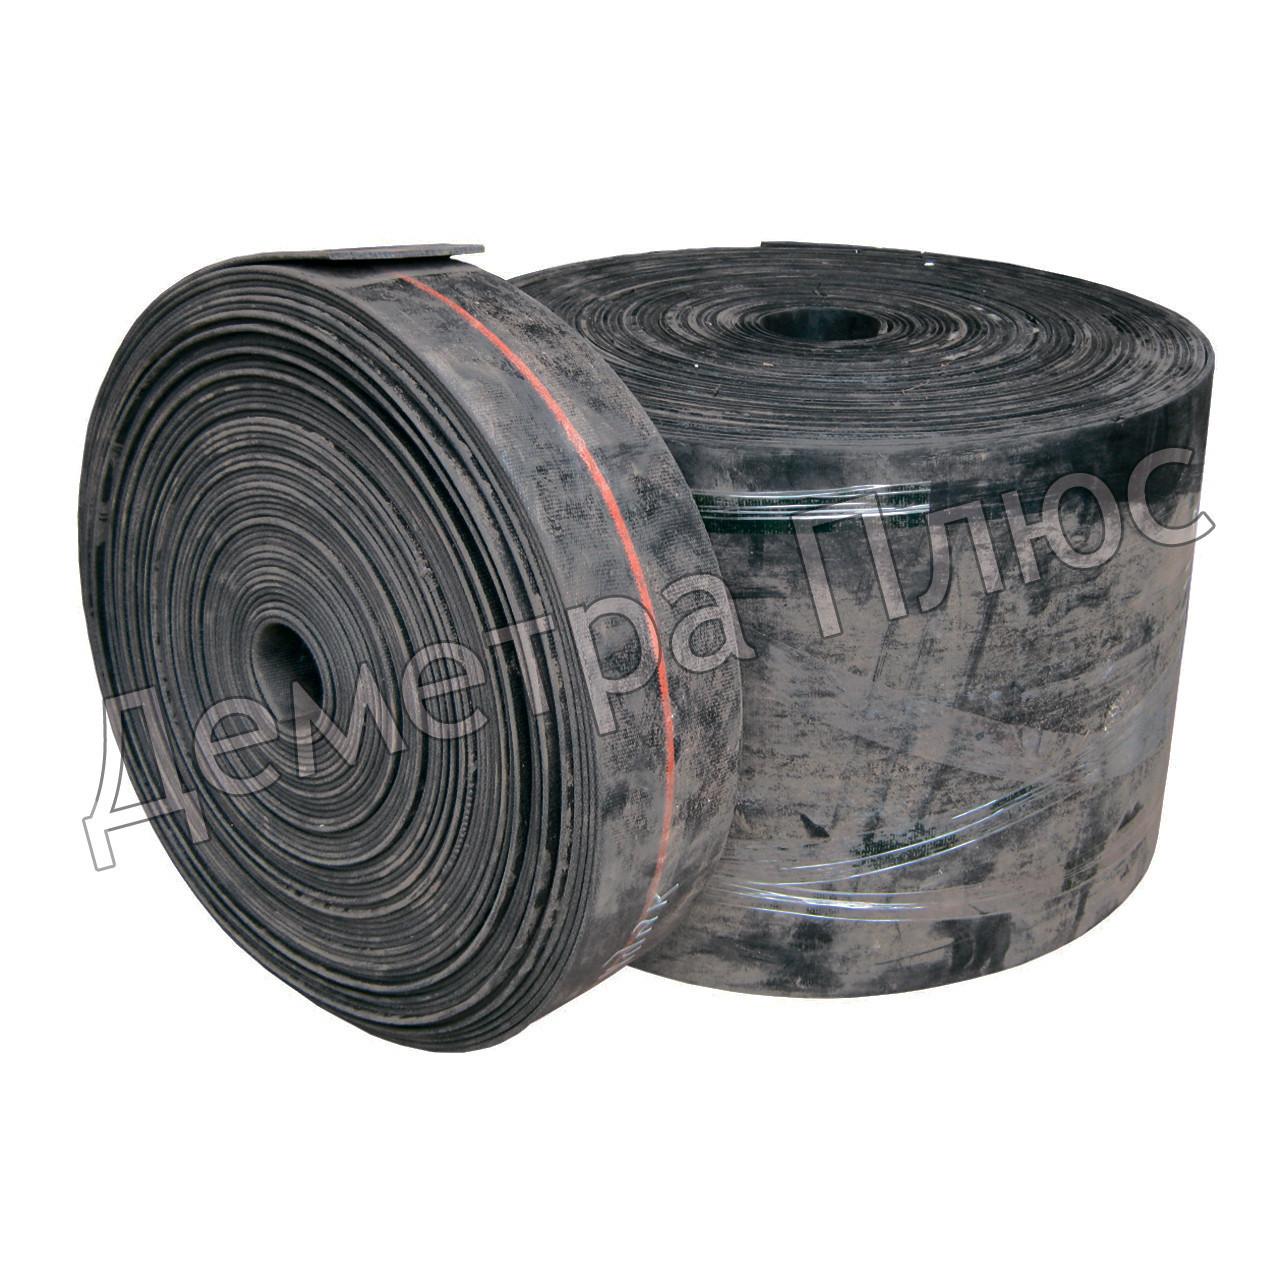 Лента норийная 125×5 (лента транспортерная резинотканевая, конвейерные ленты)